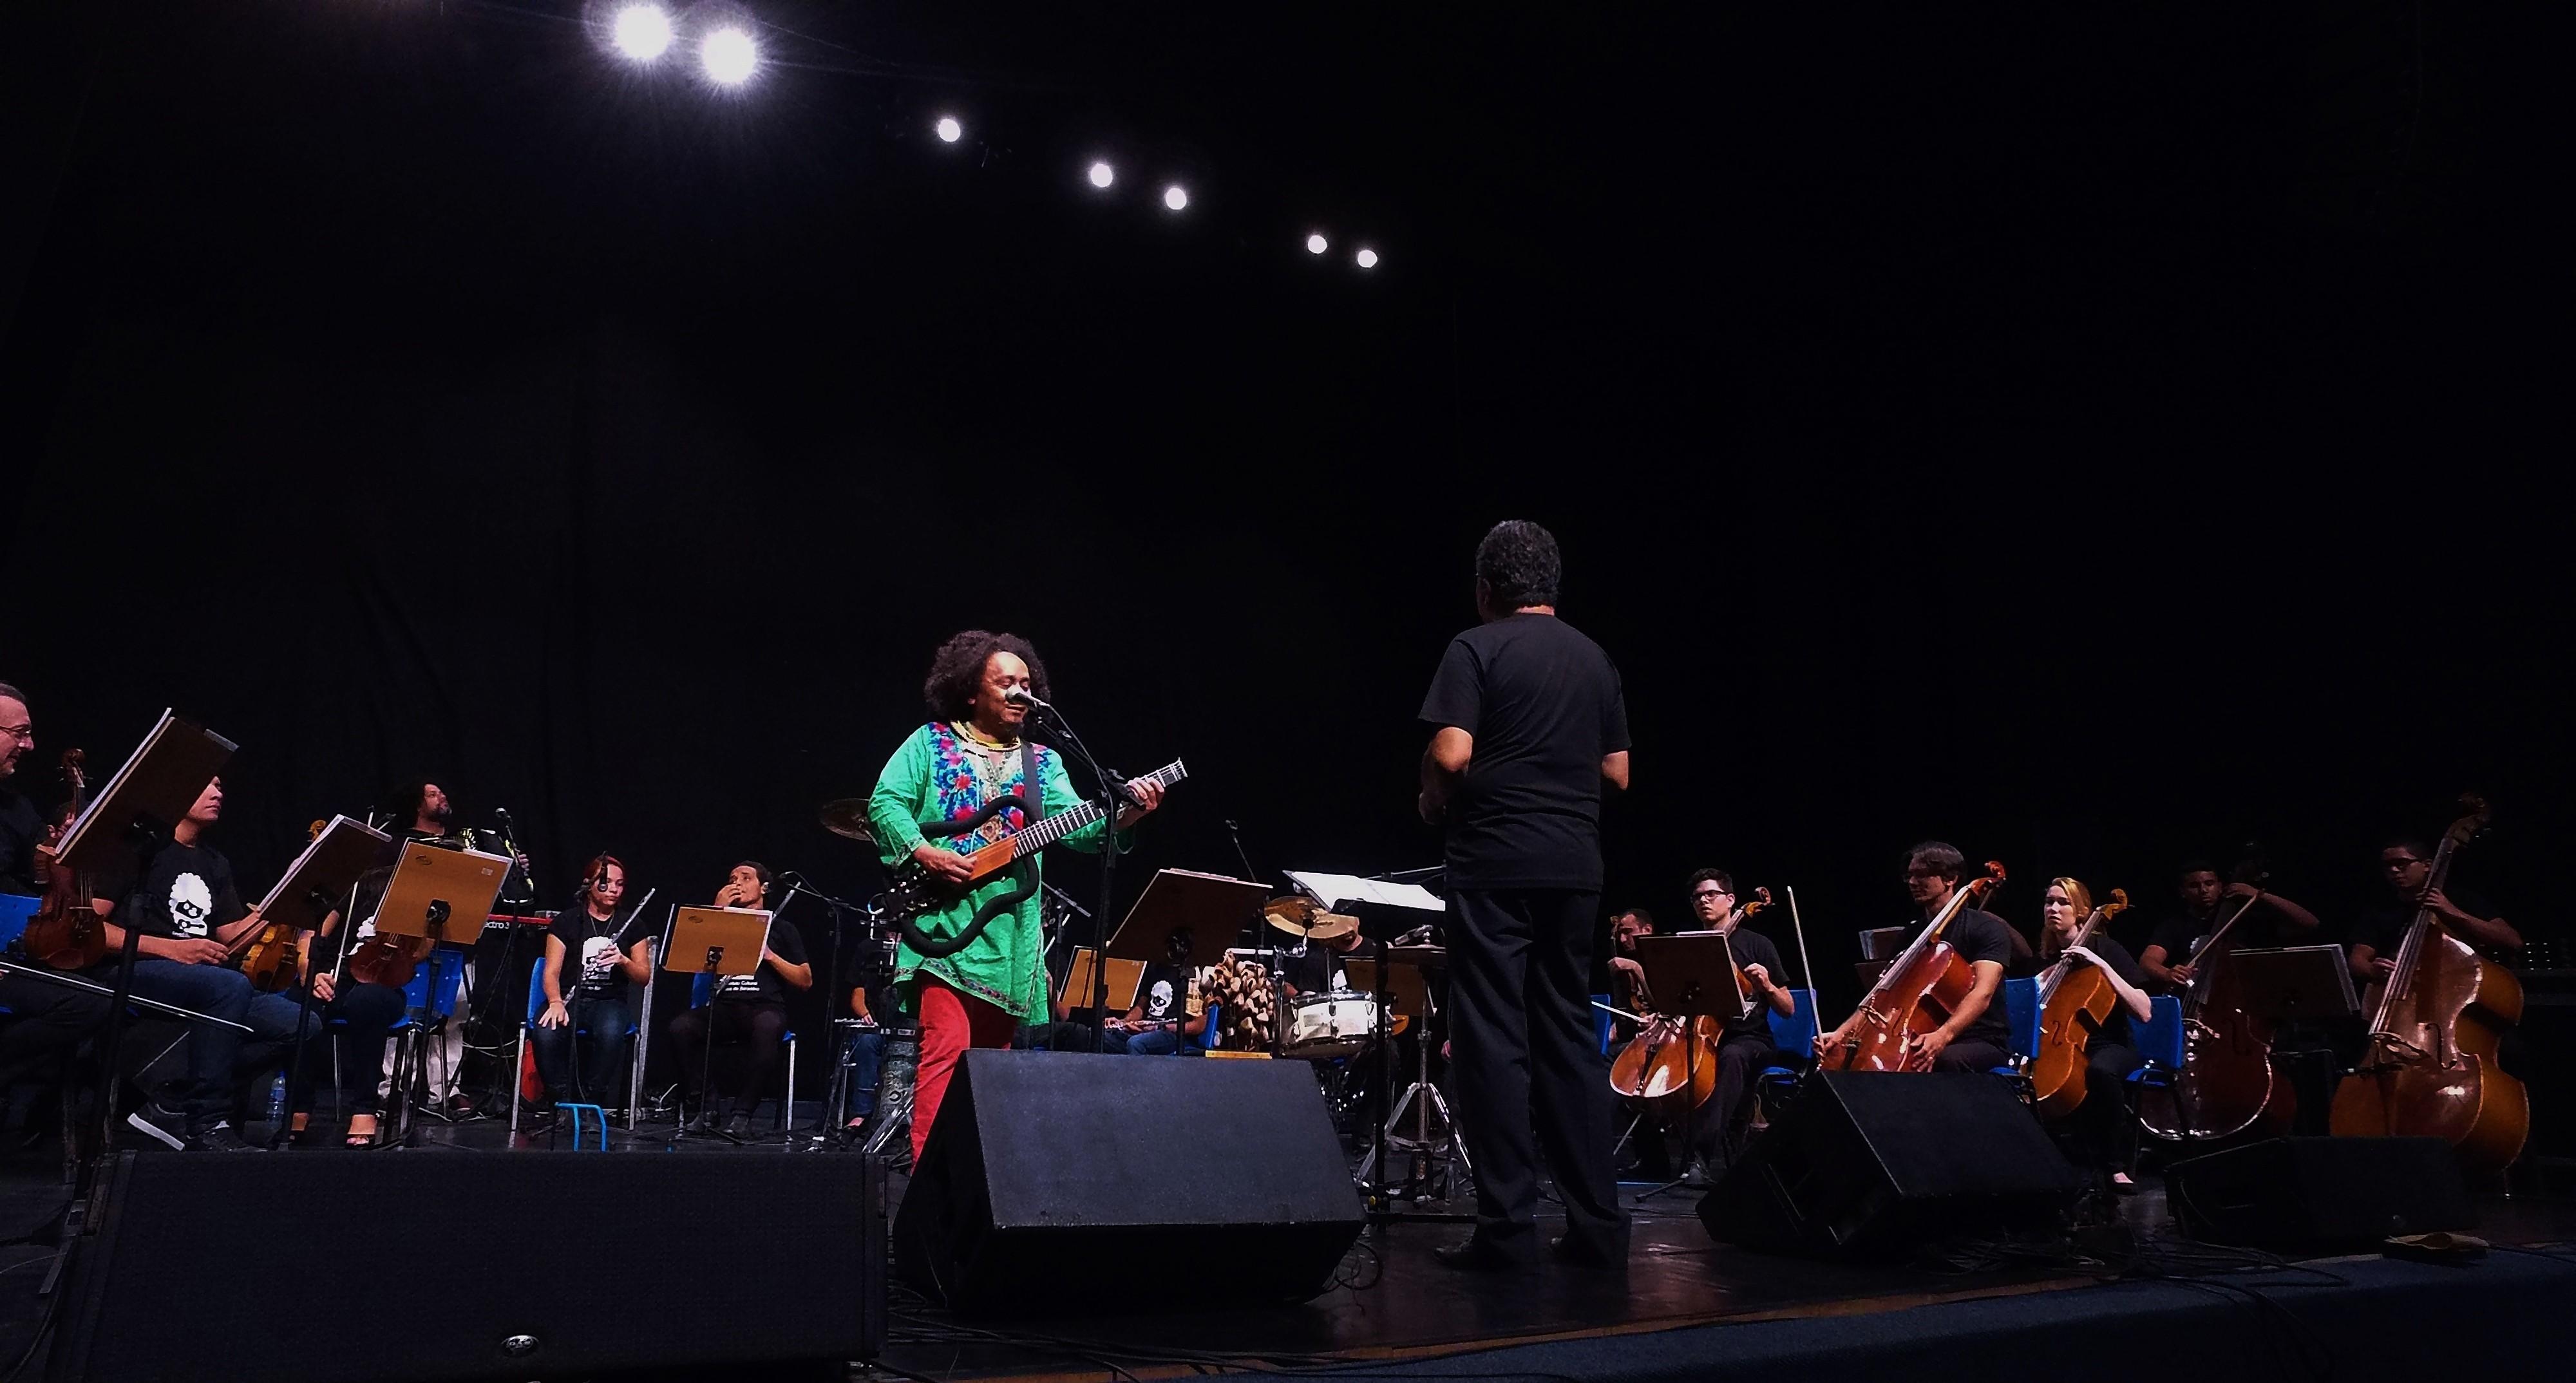 Chico César, Camerata Béradêra e maestro Letieres fazem show beneficente em Campina Grande